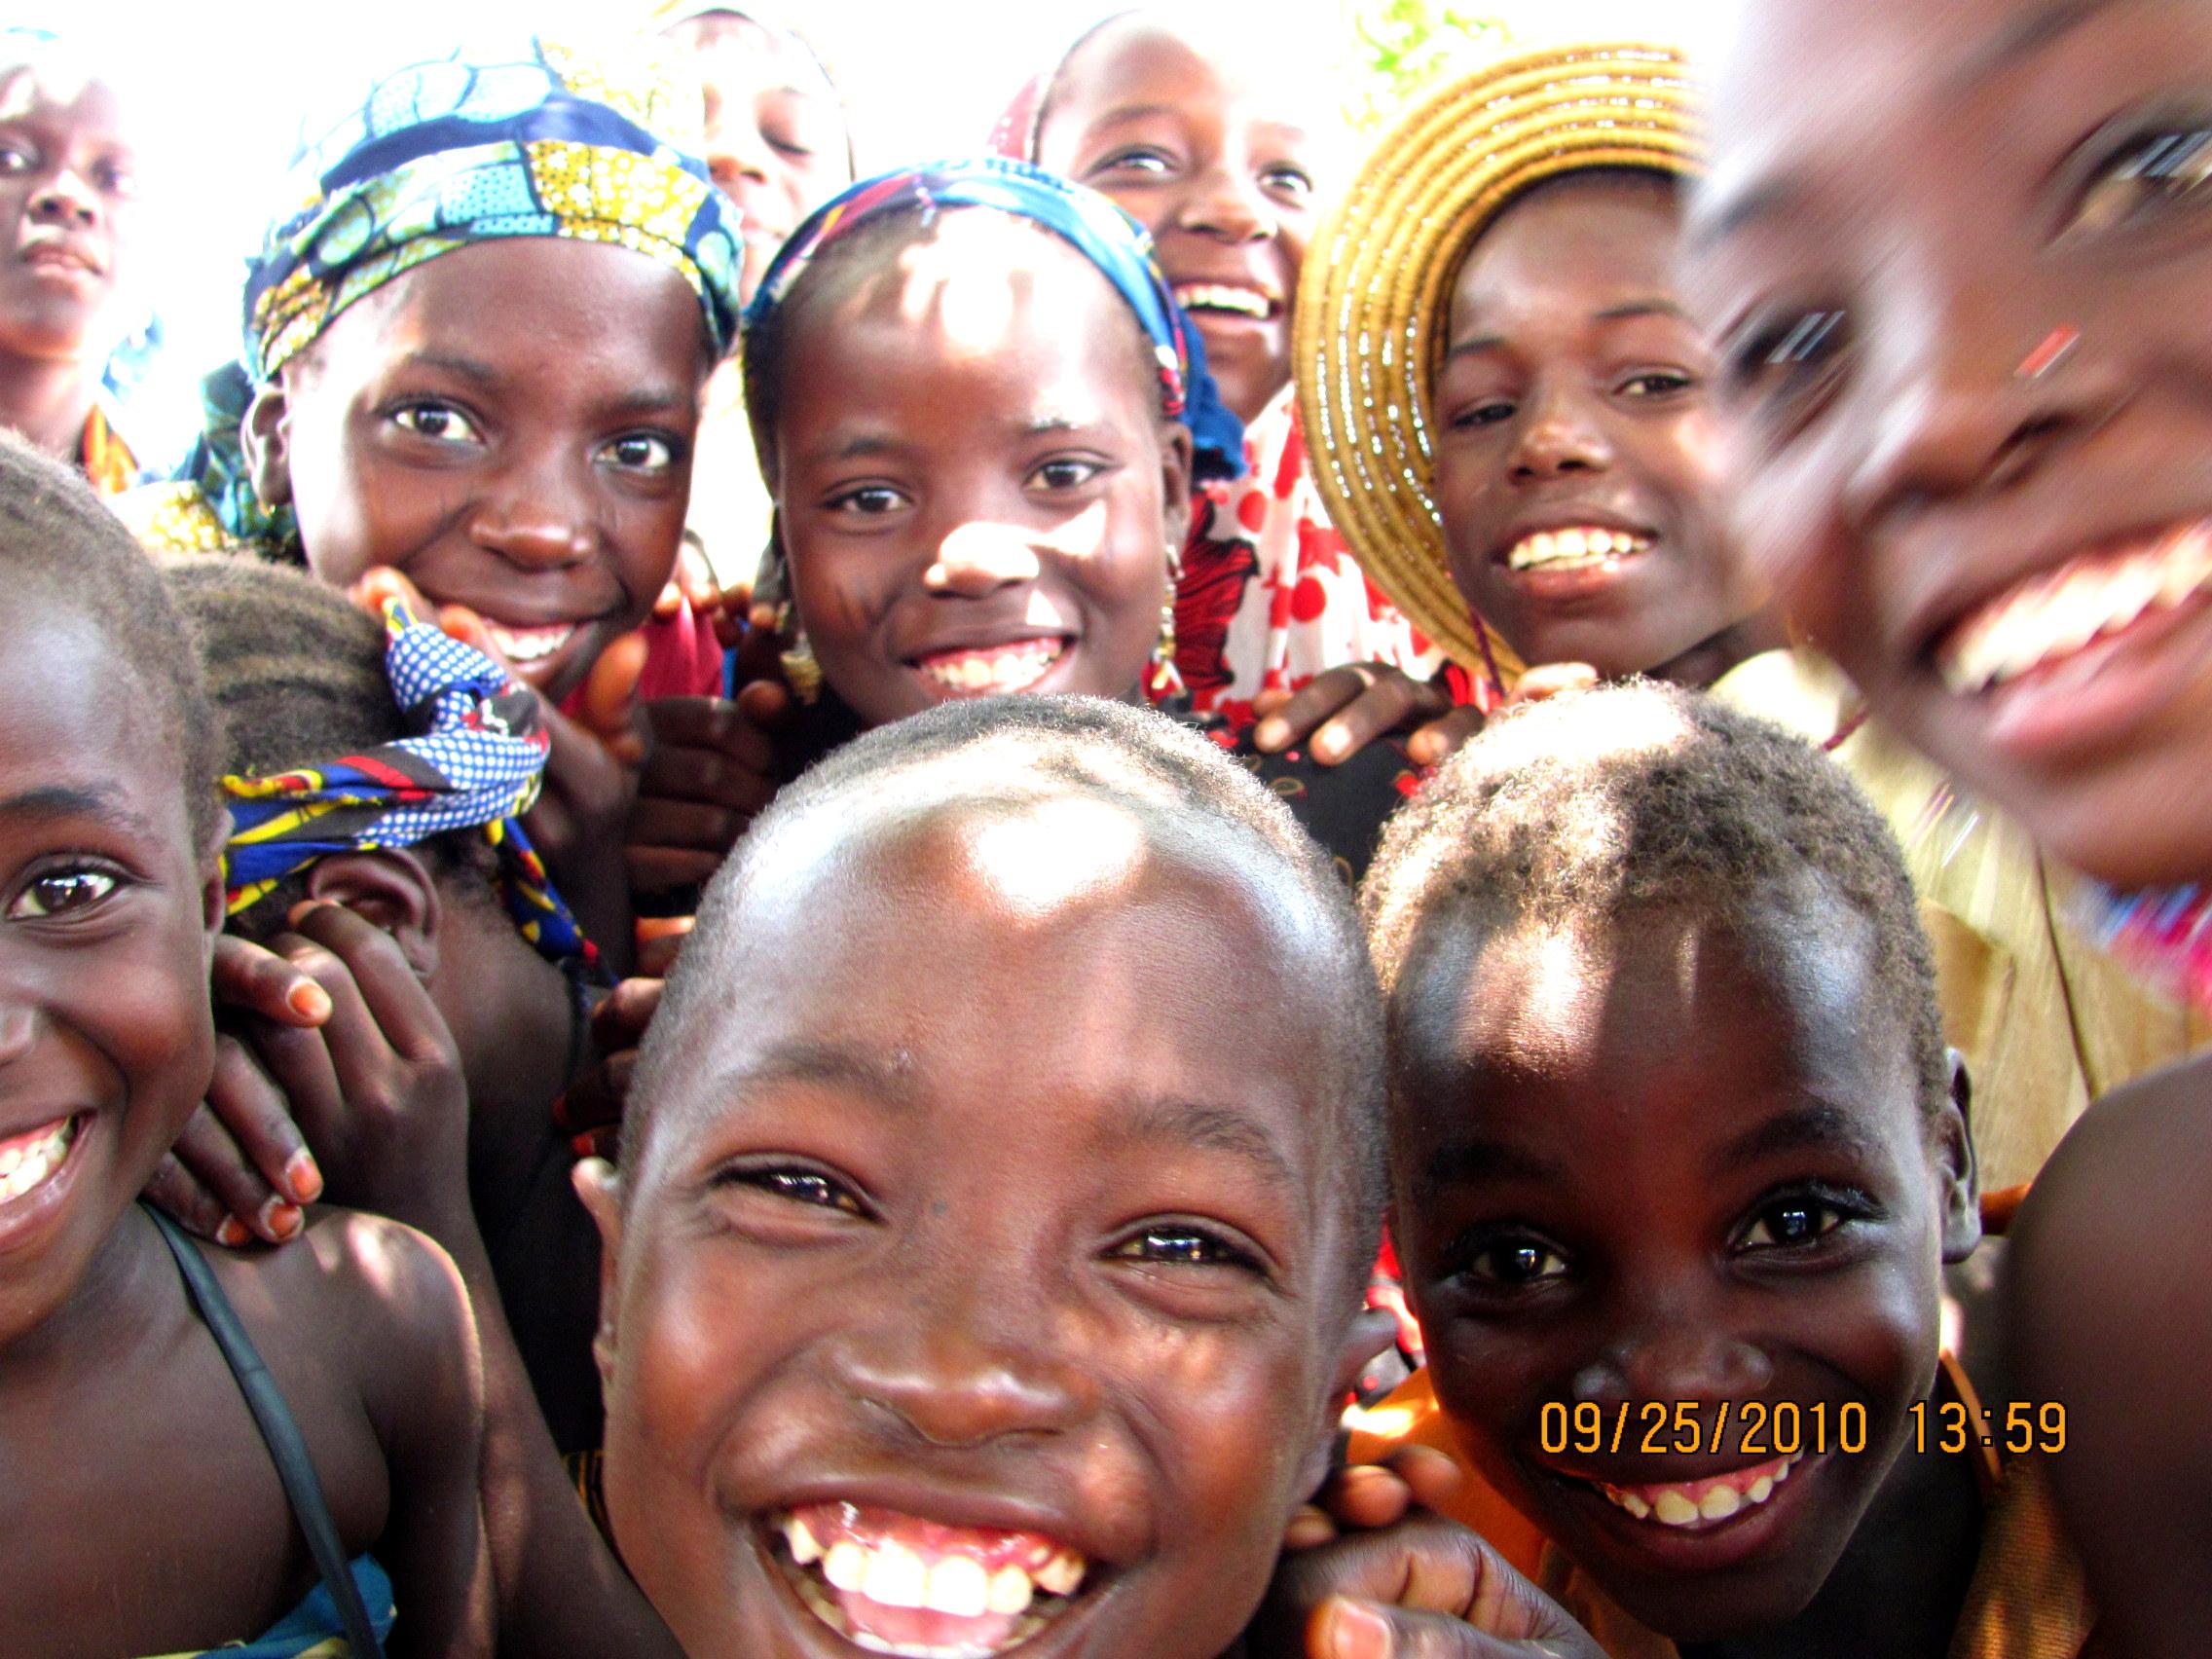 Zamfara kids